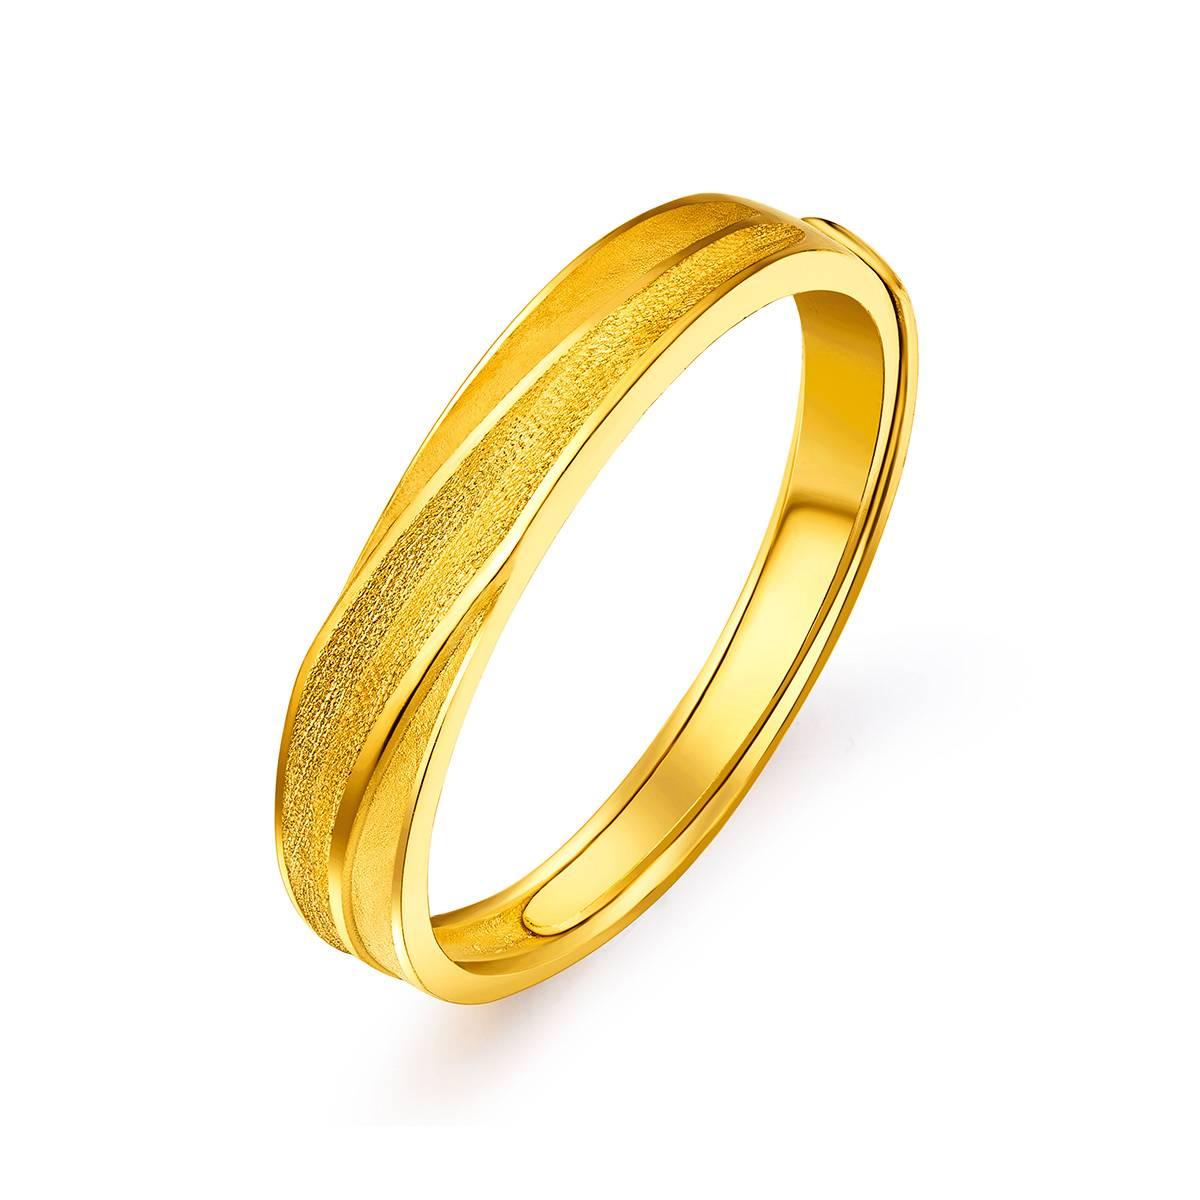 六福珠宝六福珠宝 长相伴黄金活口戒指(计价)B01TBGR0024